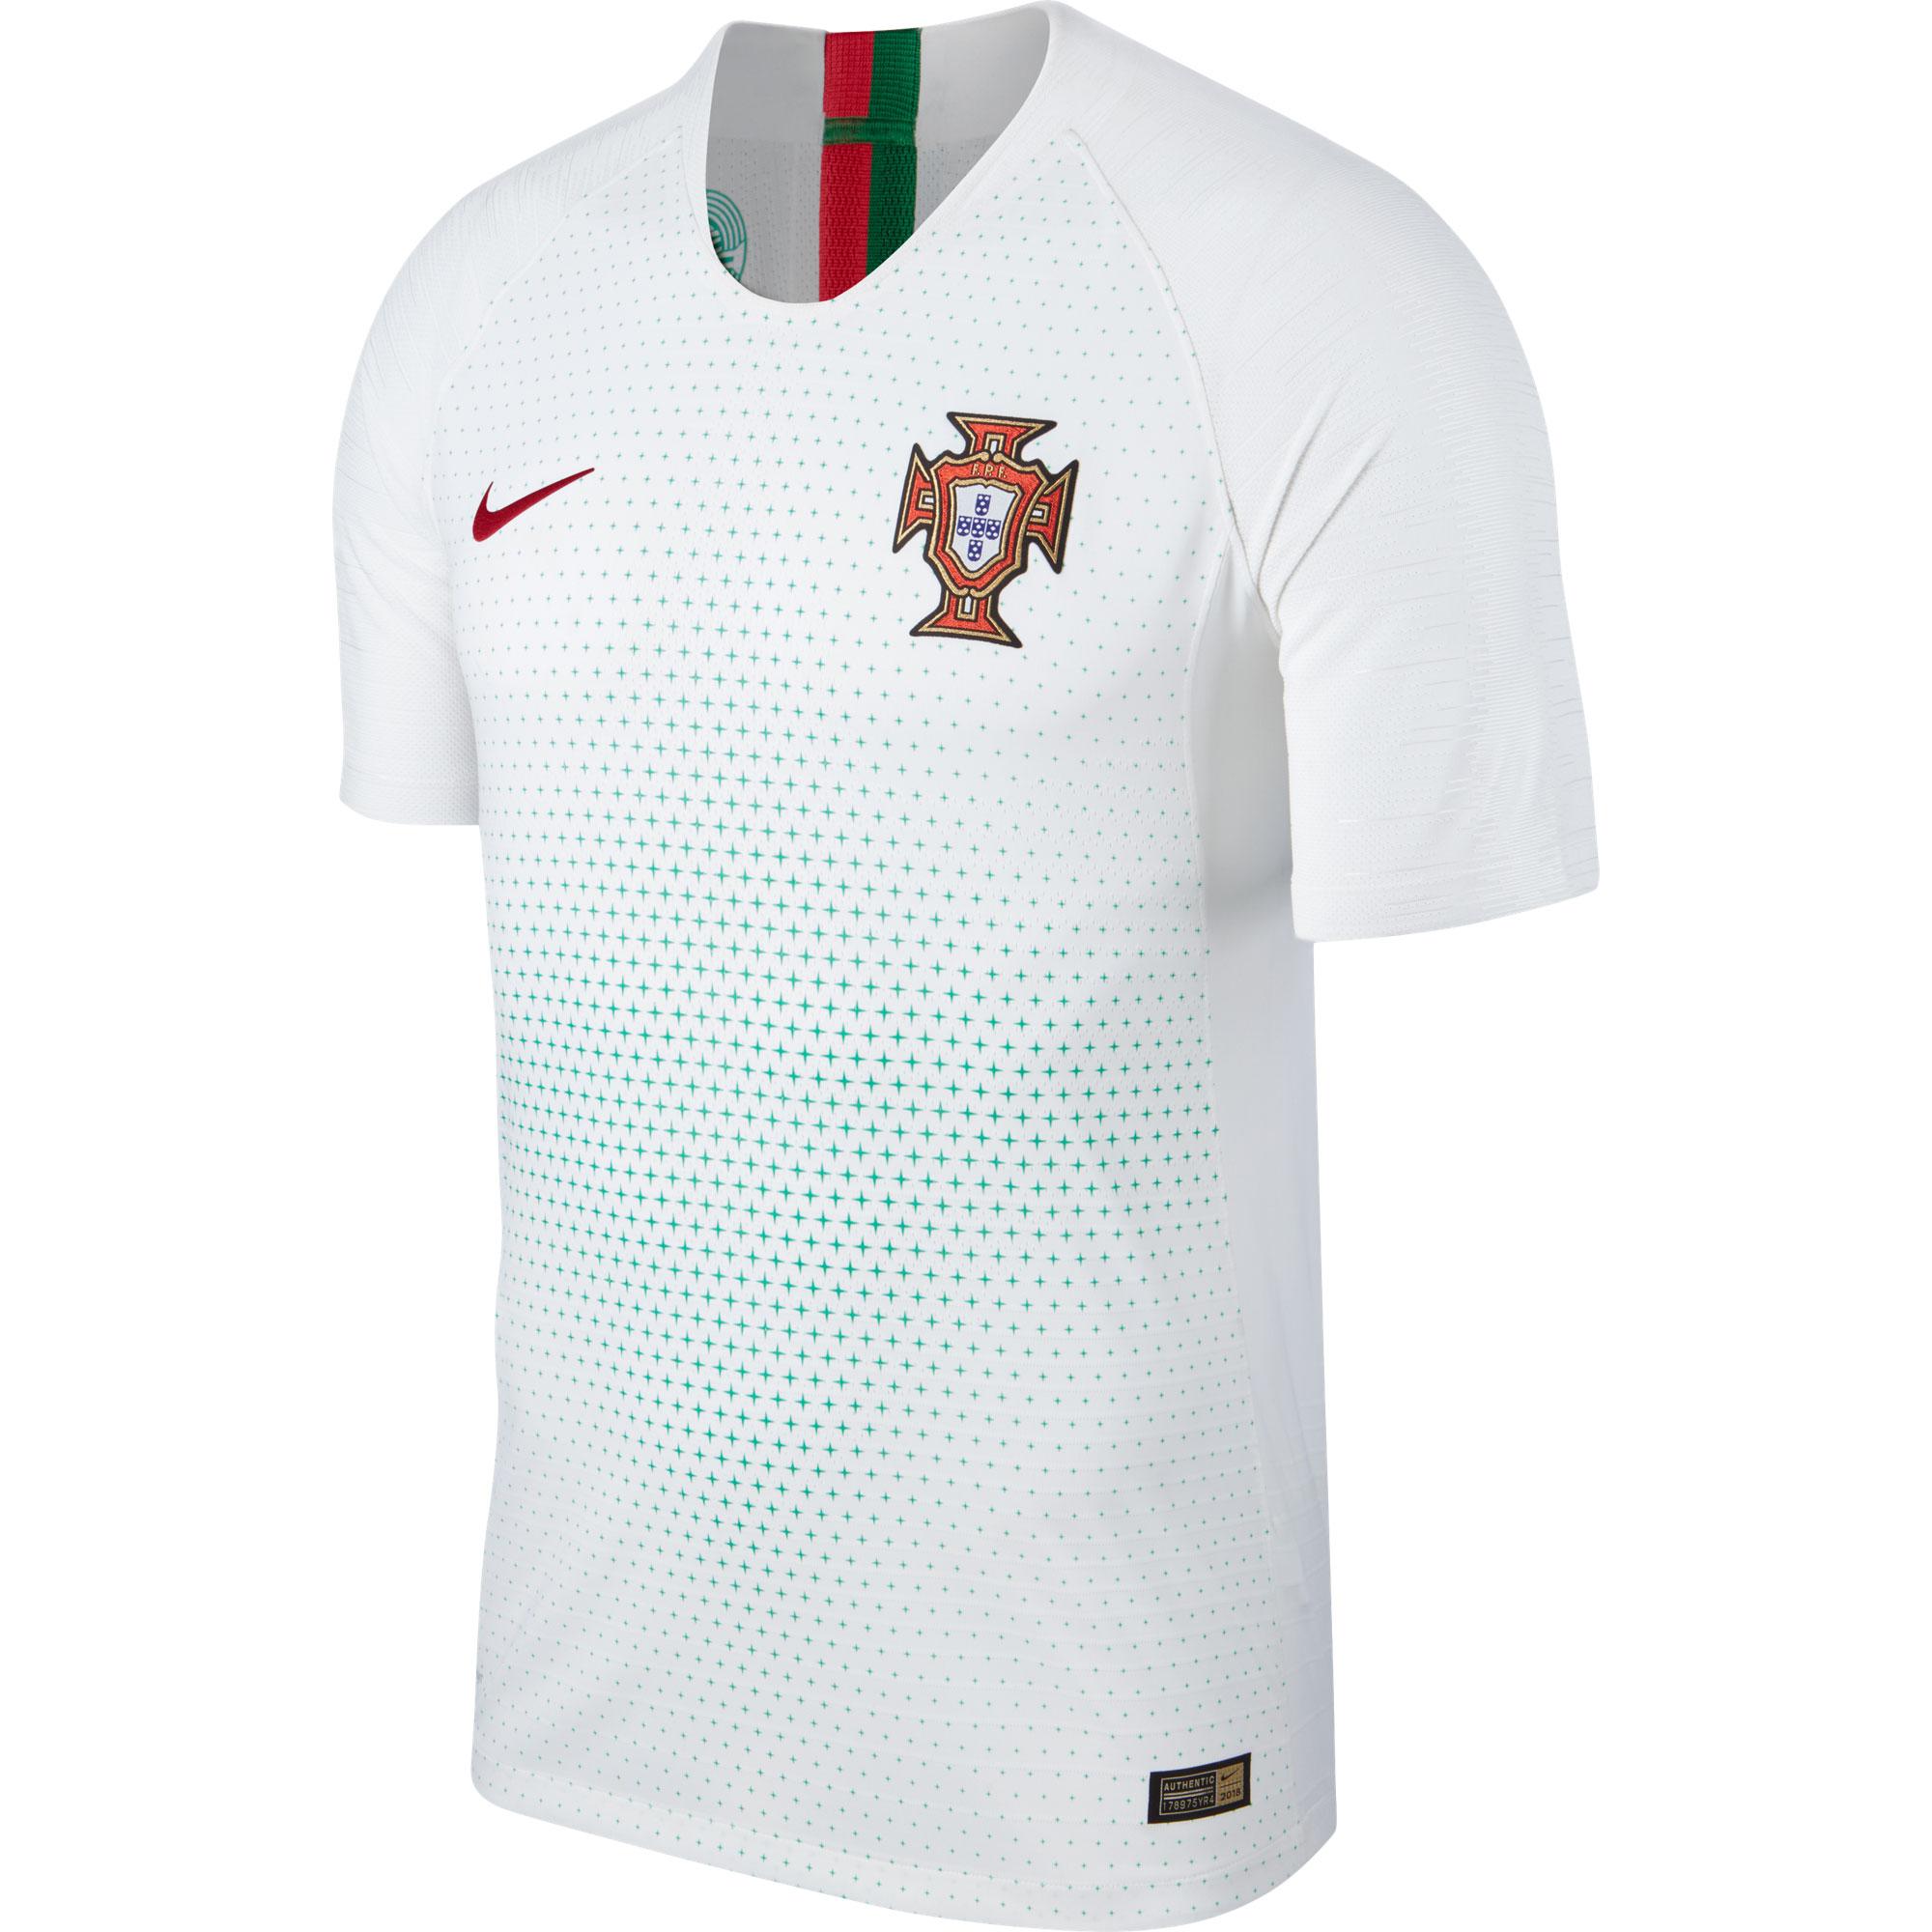 Portugal Vapor Away Match Shirt 2018 2019